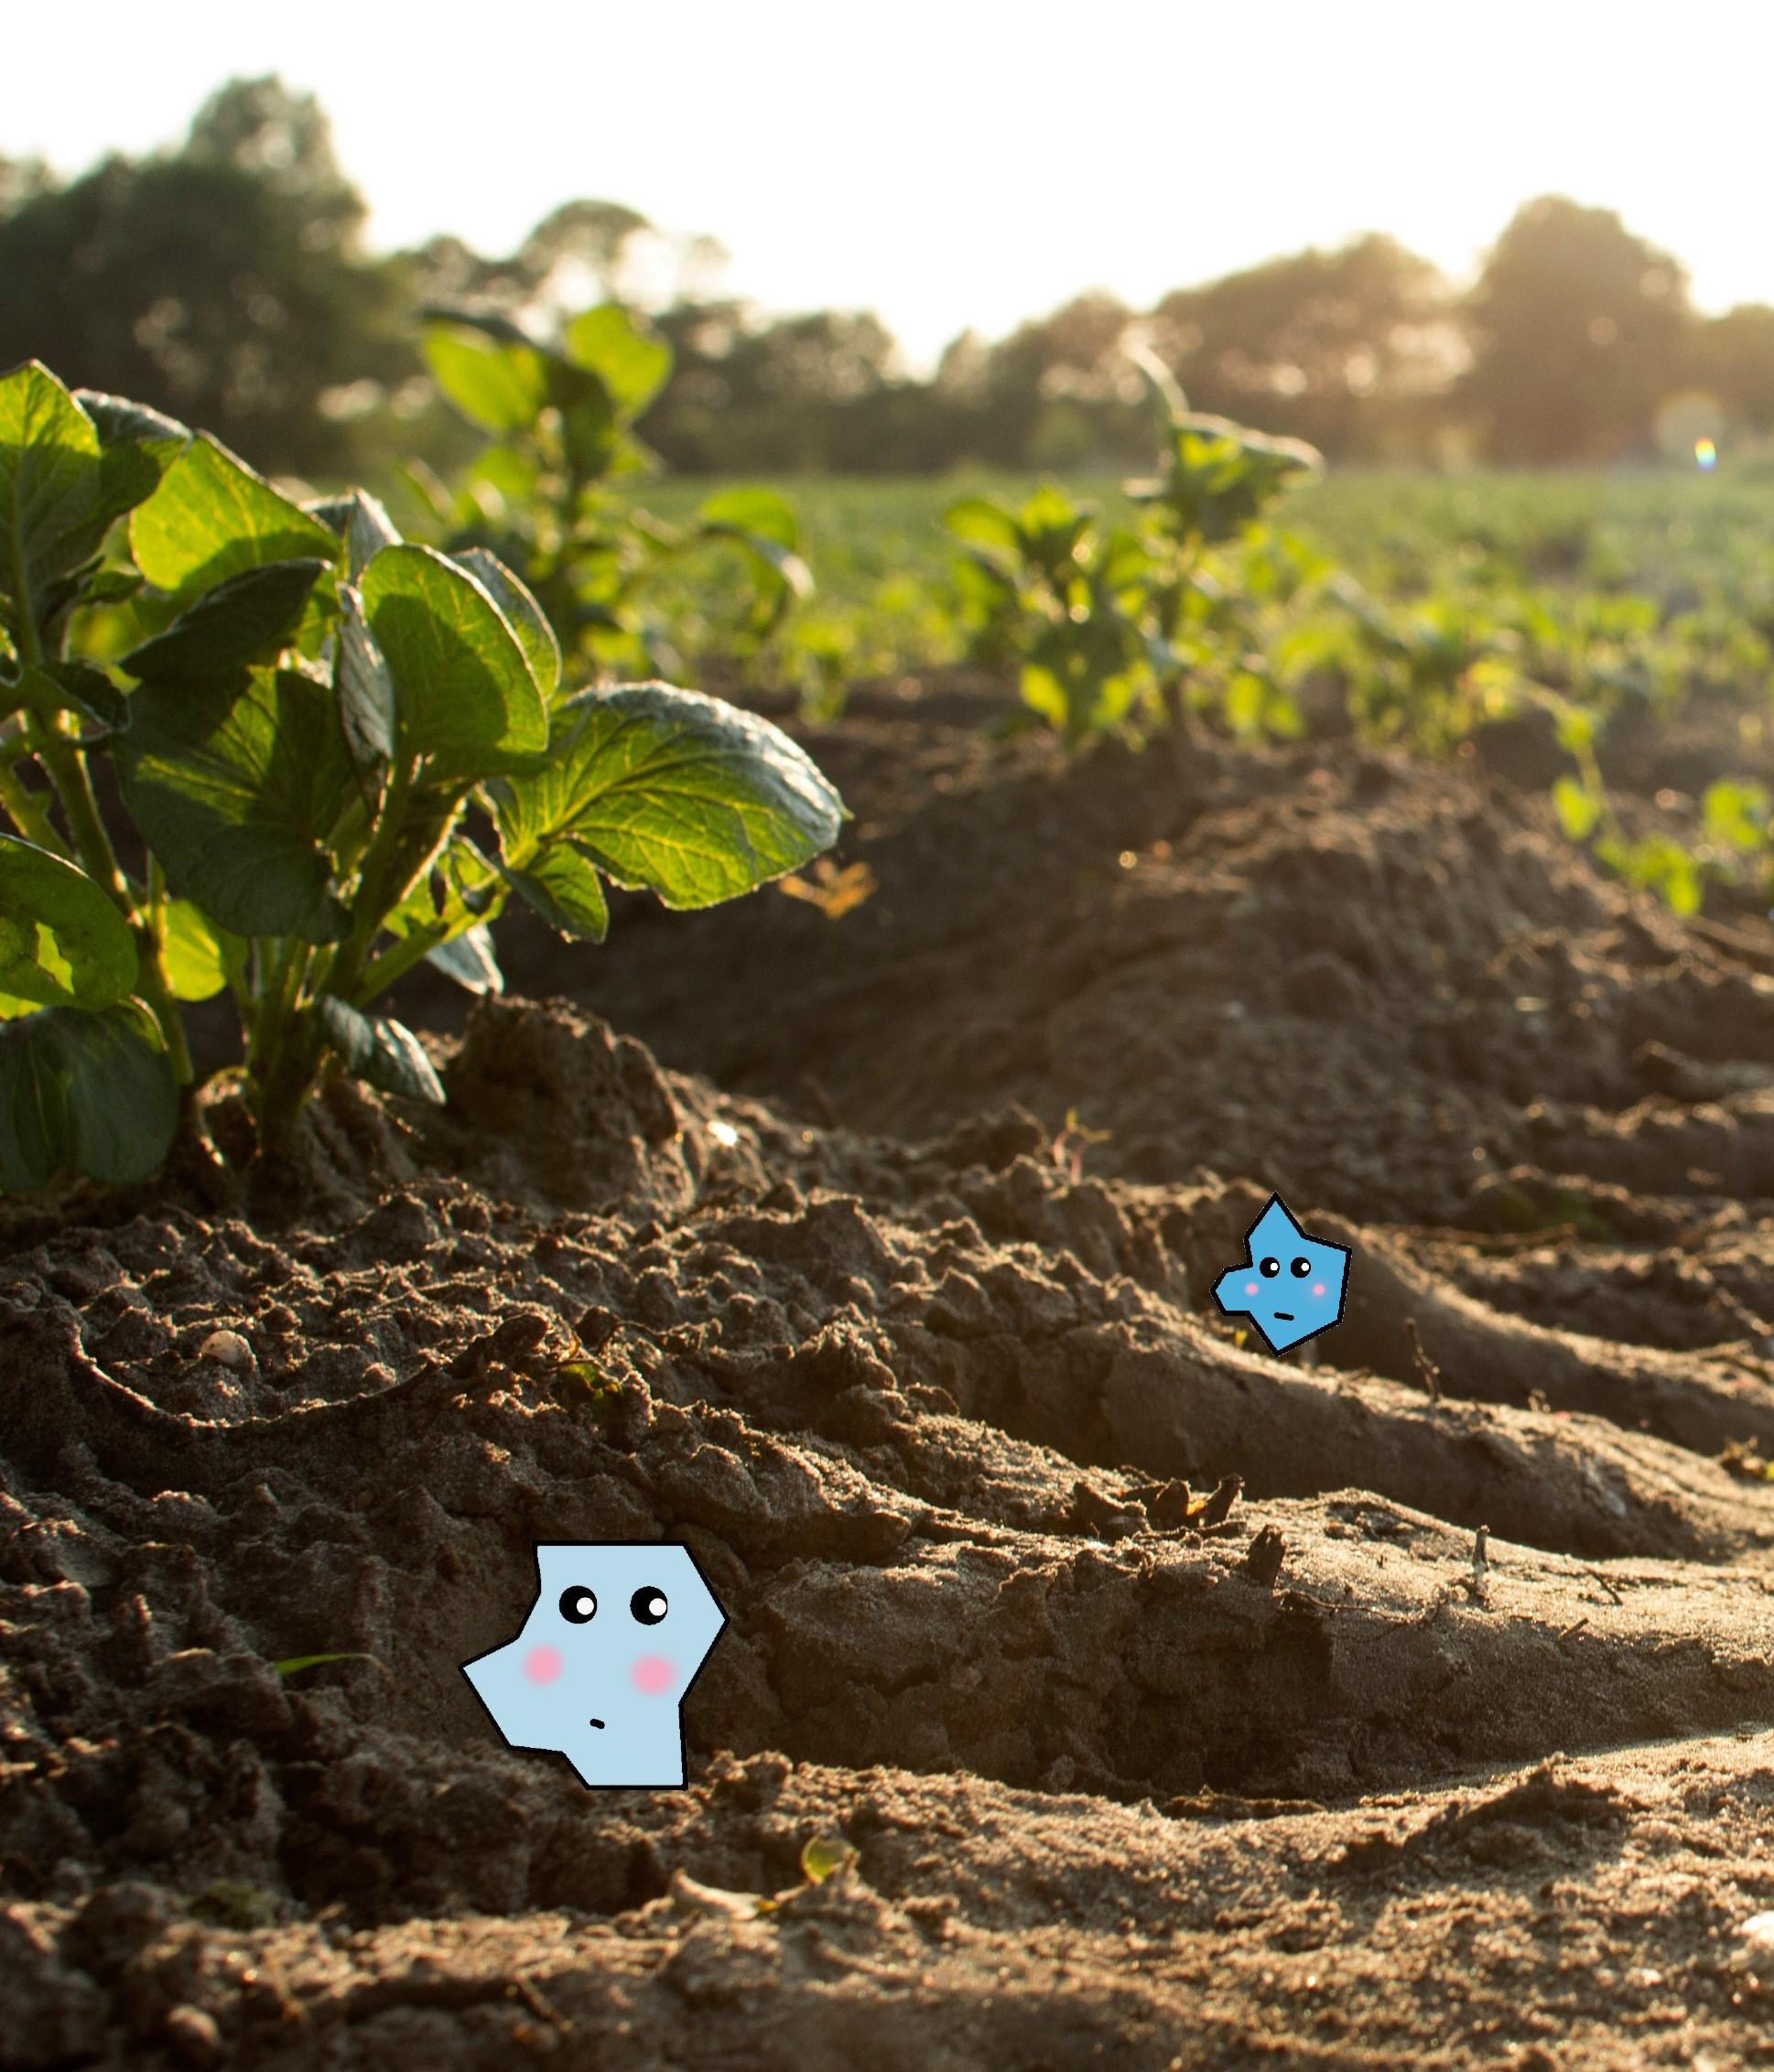 Maxi und Charlie - Mikroplastikpartikel im Boden - microplastics in our soil